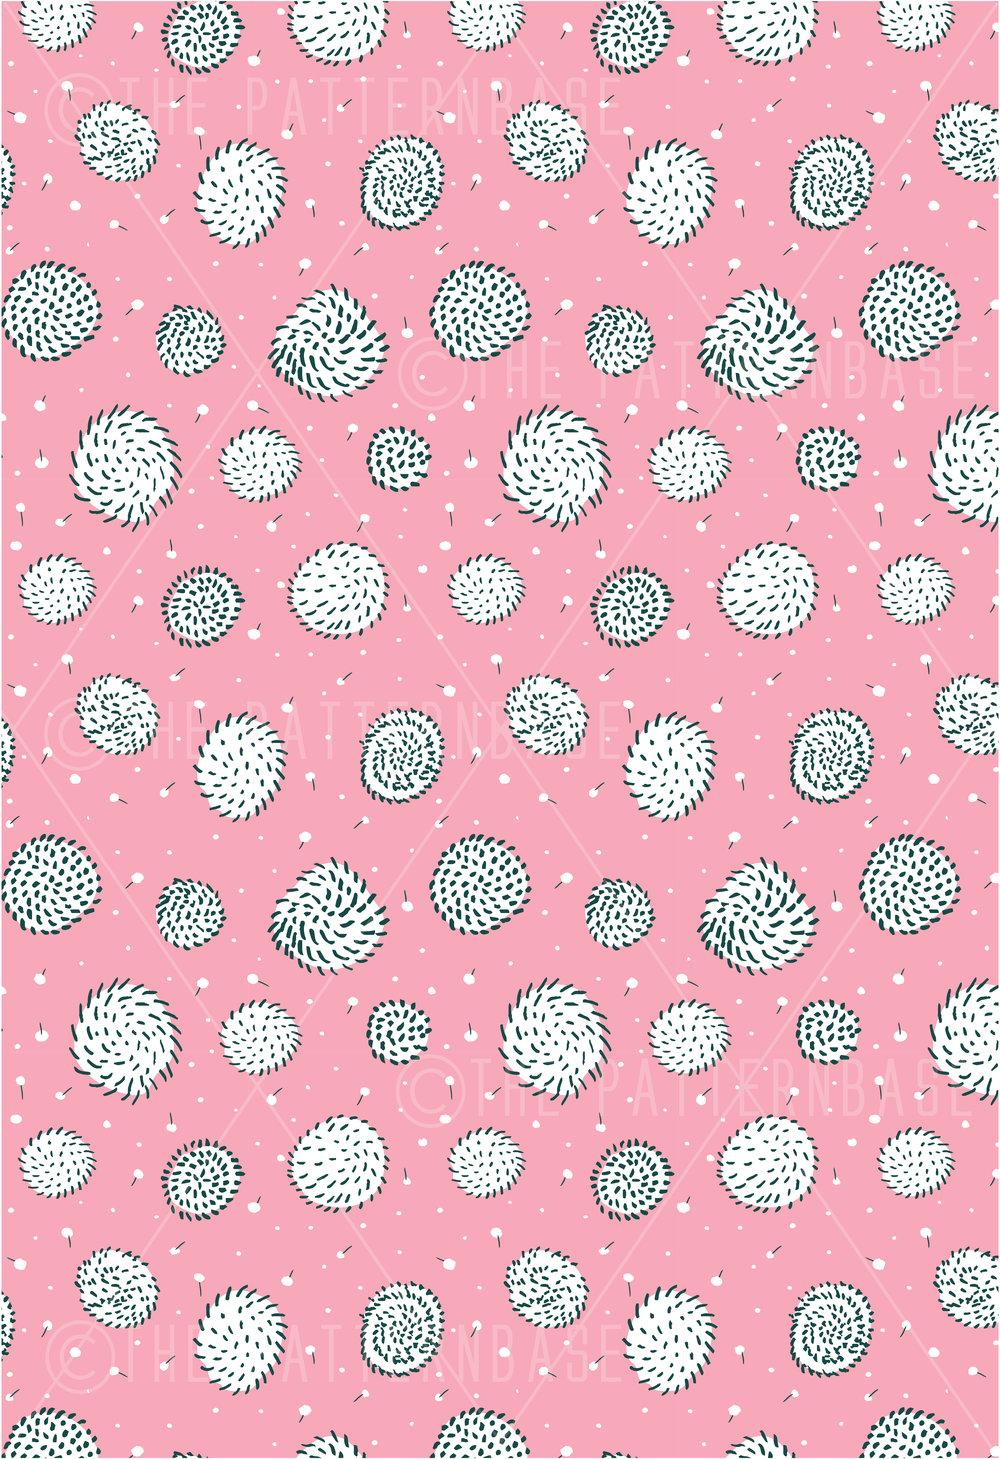 patternbase-dandy-pink-wm.jpg